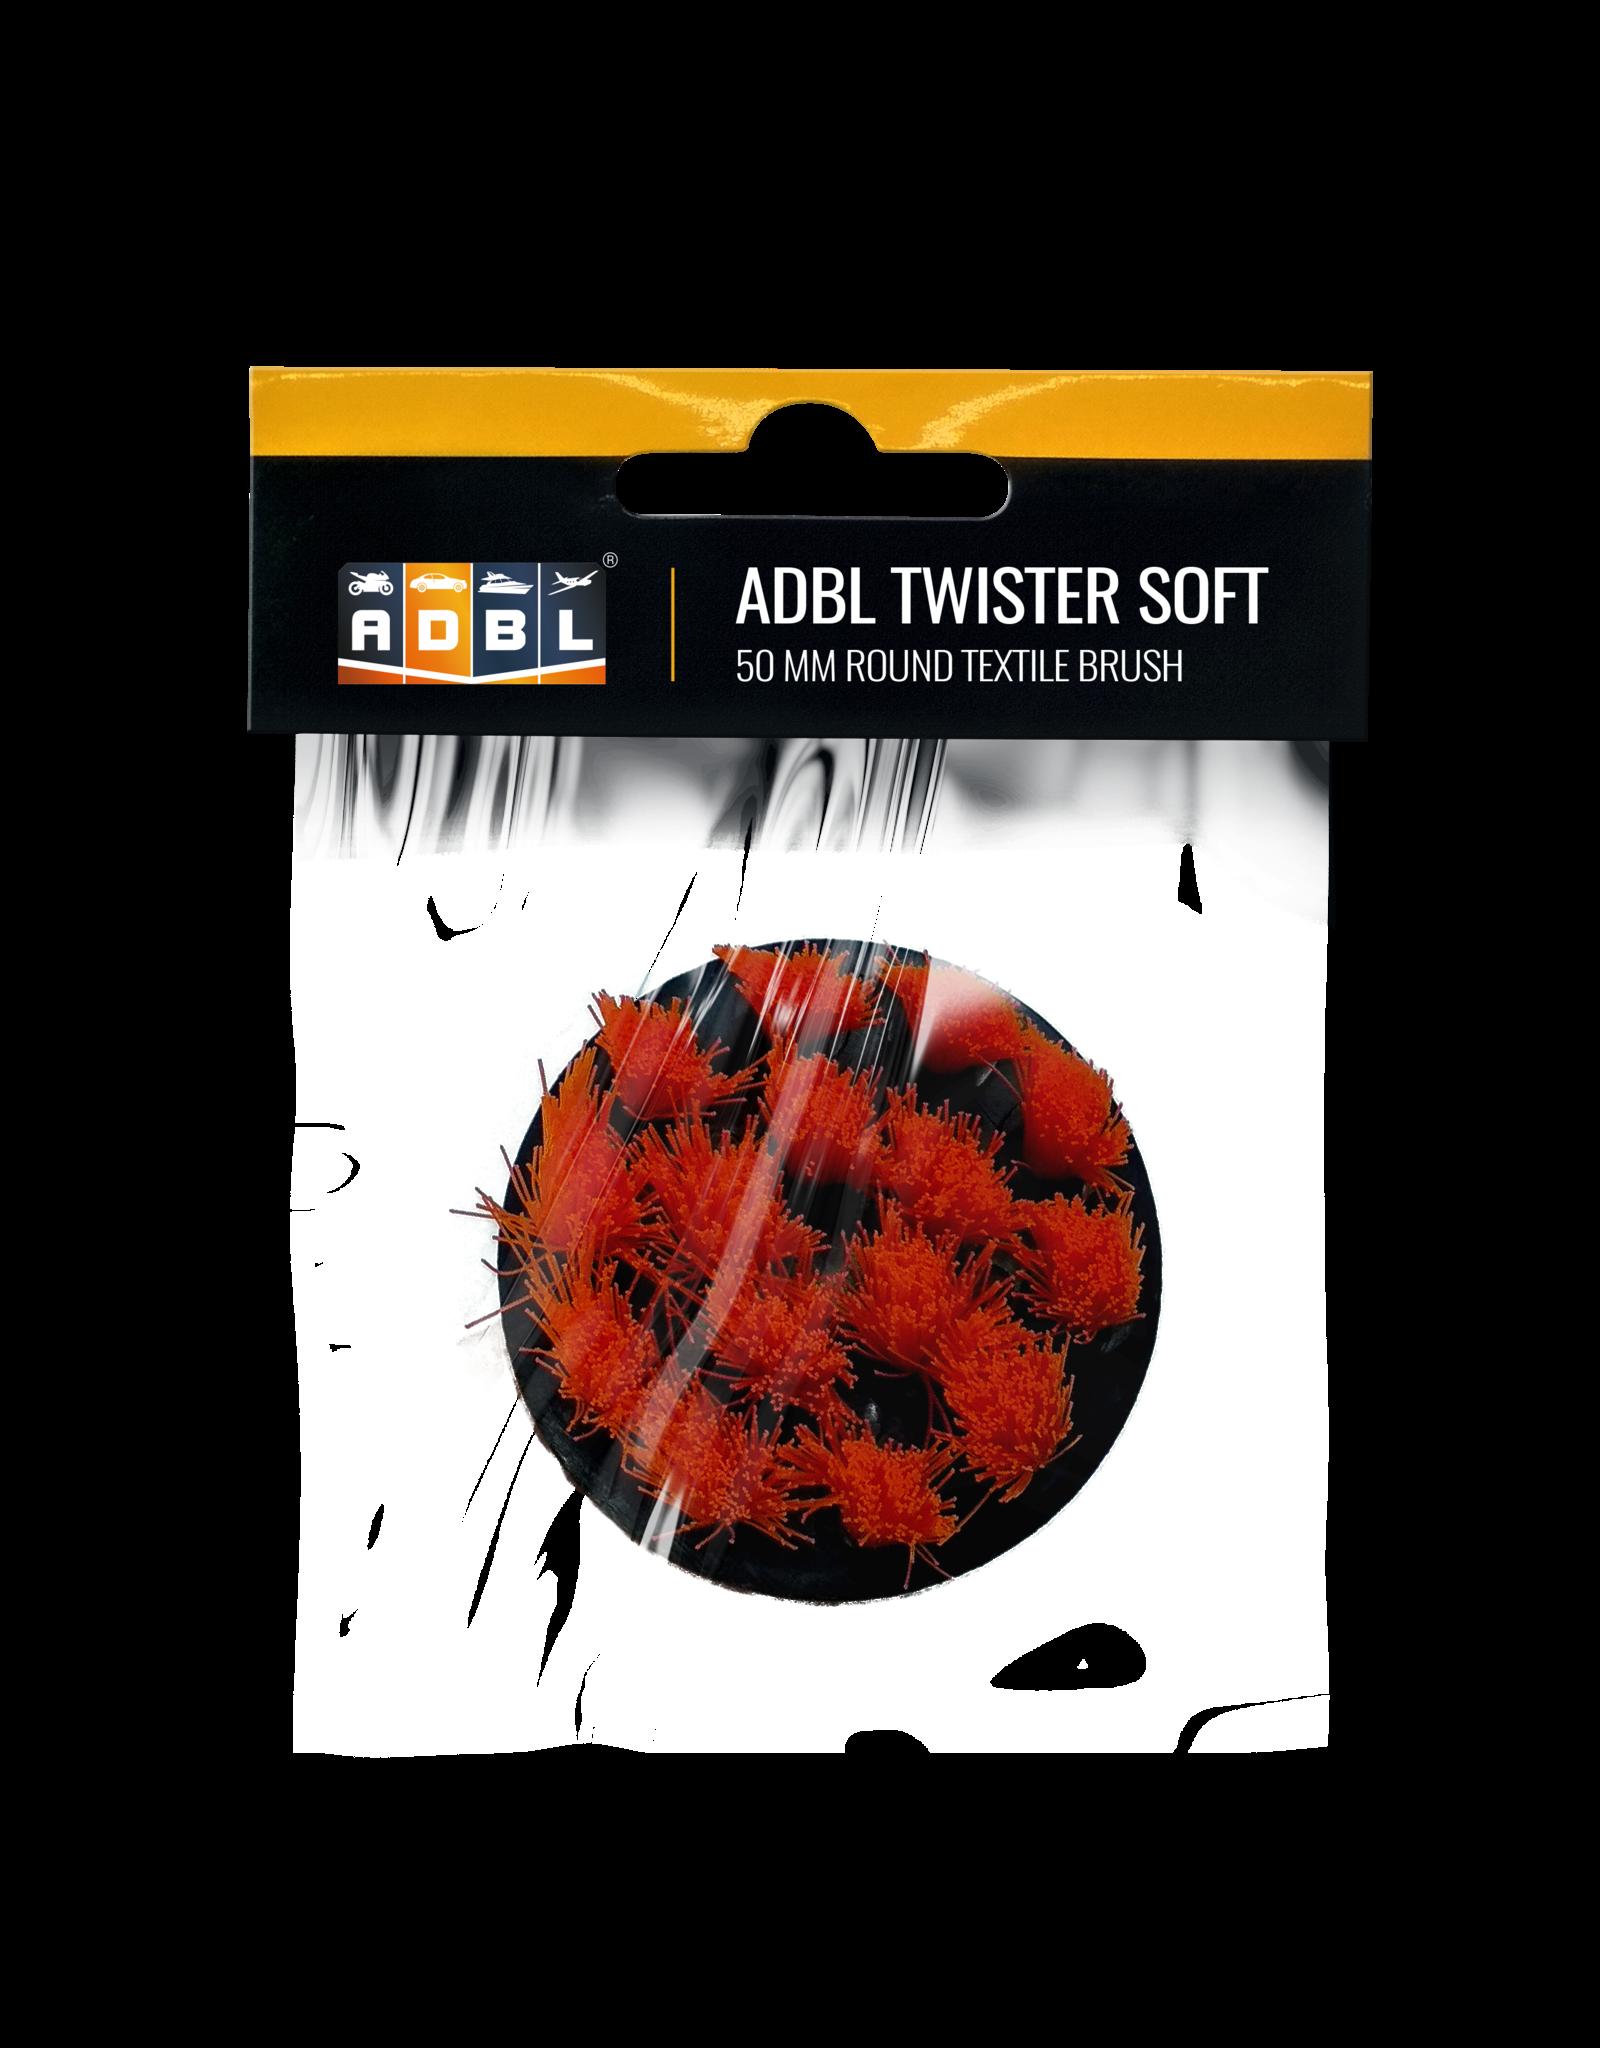 ADBL Twister Soft 50ml